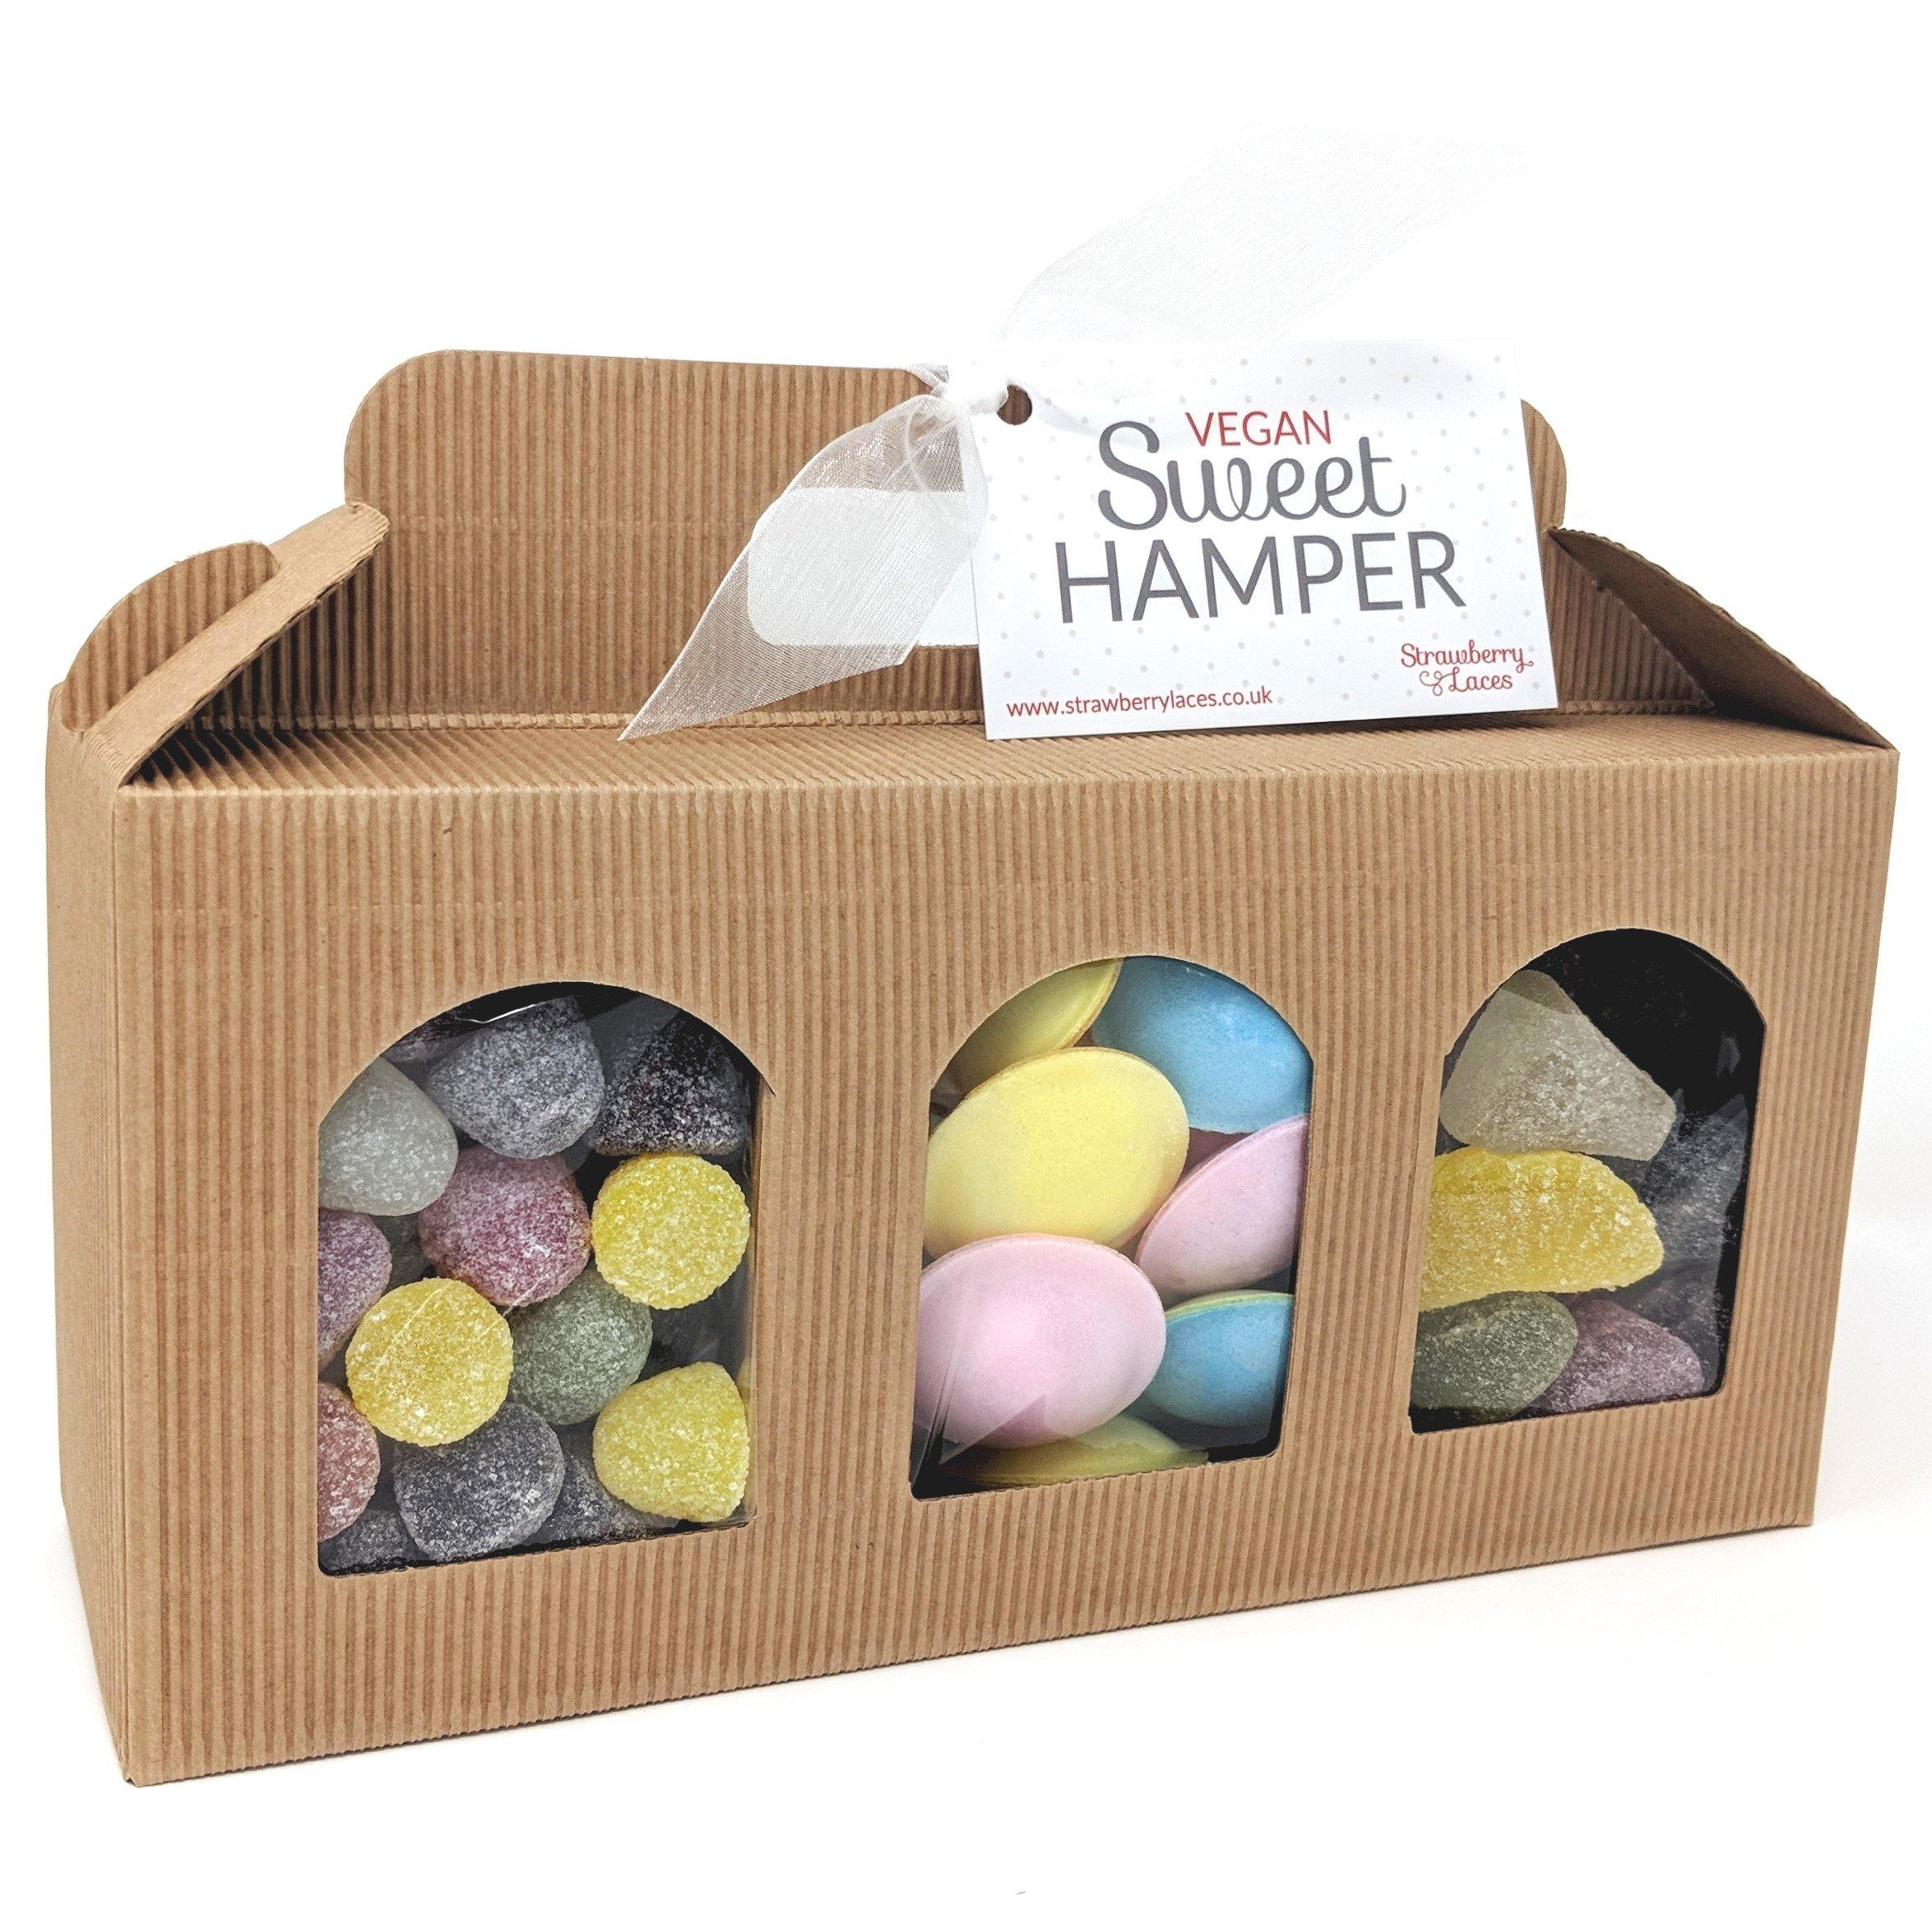 Vegan Sweet Hamper Box Great Vegetarian Gift For Birthday Easter Christmas Etc